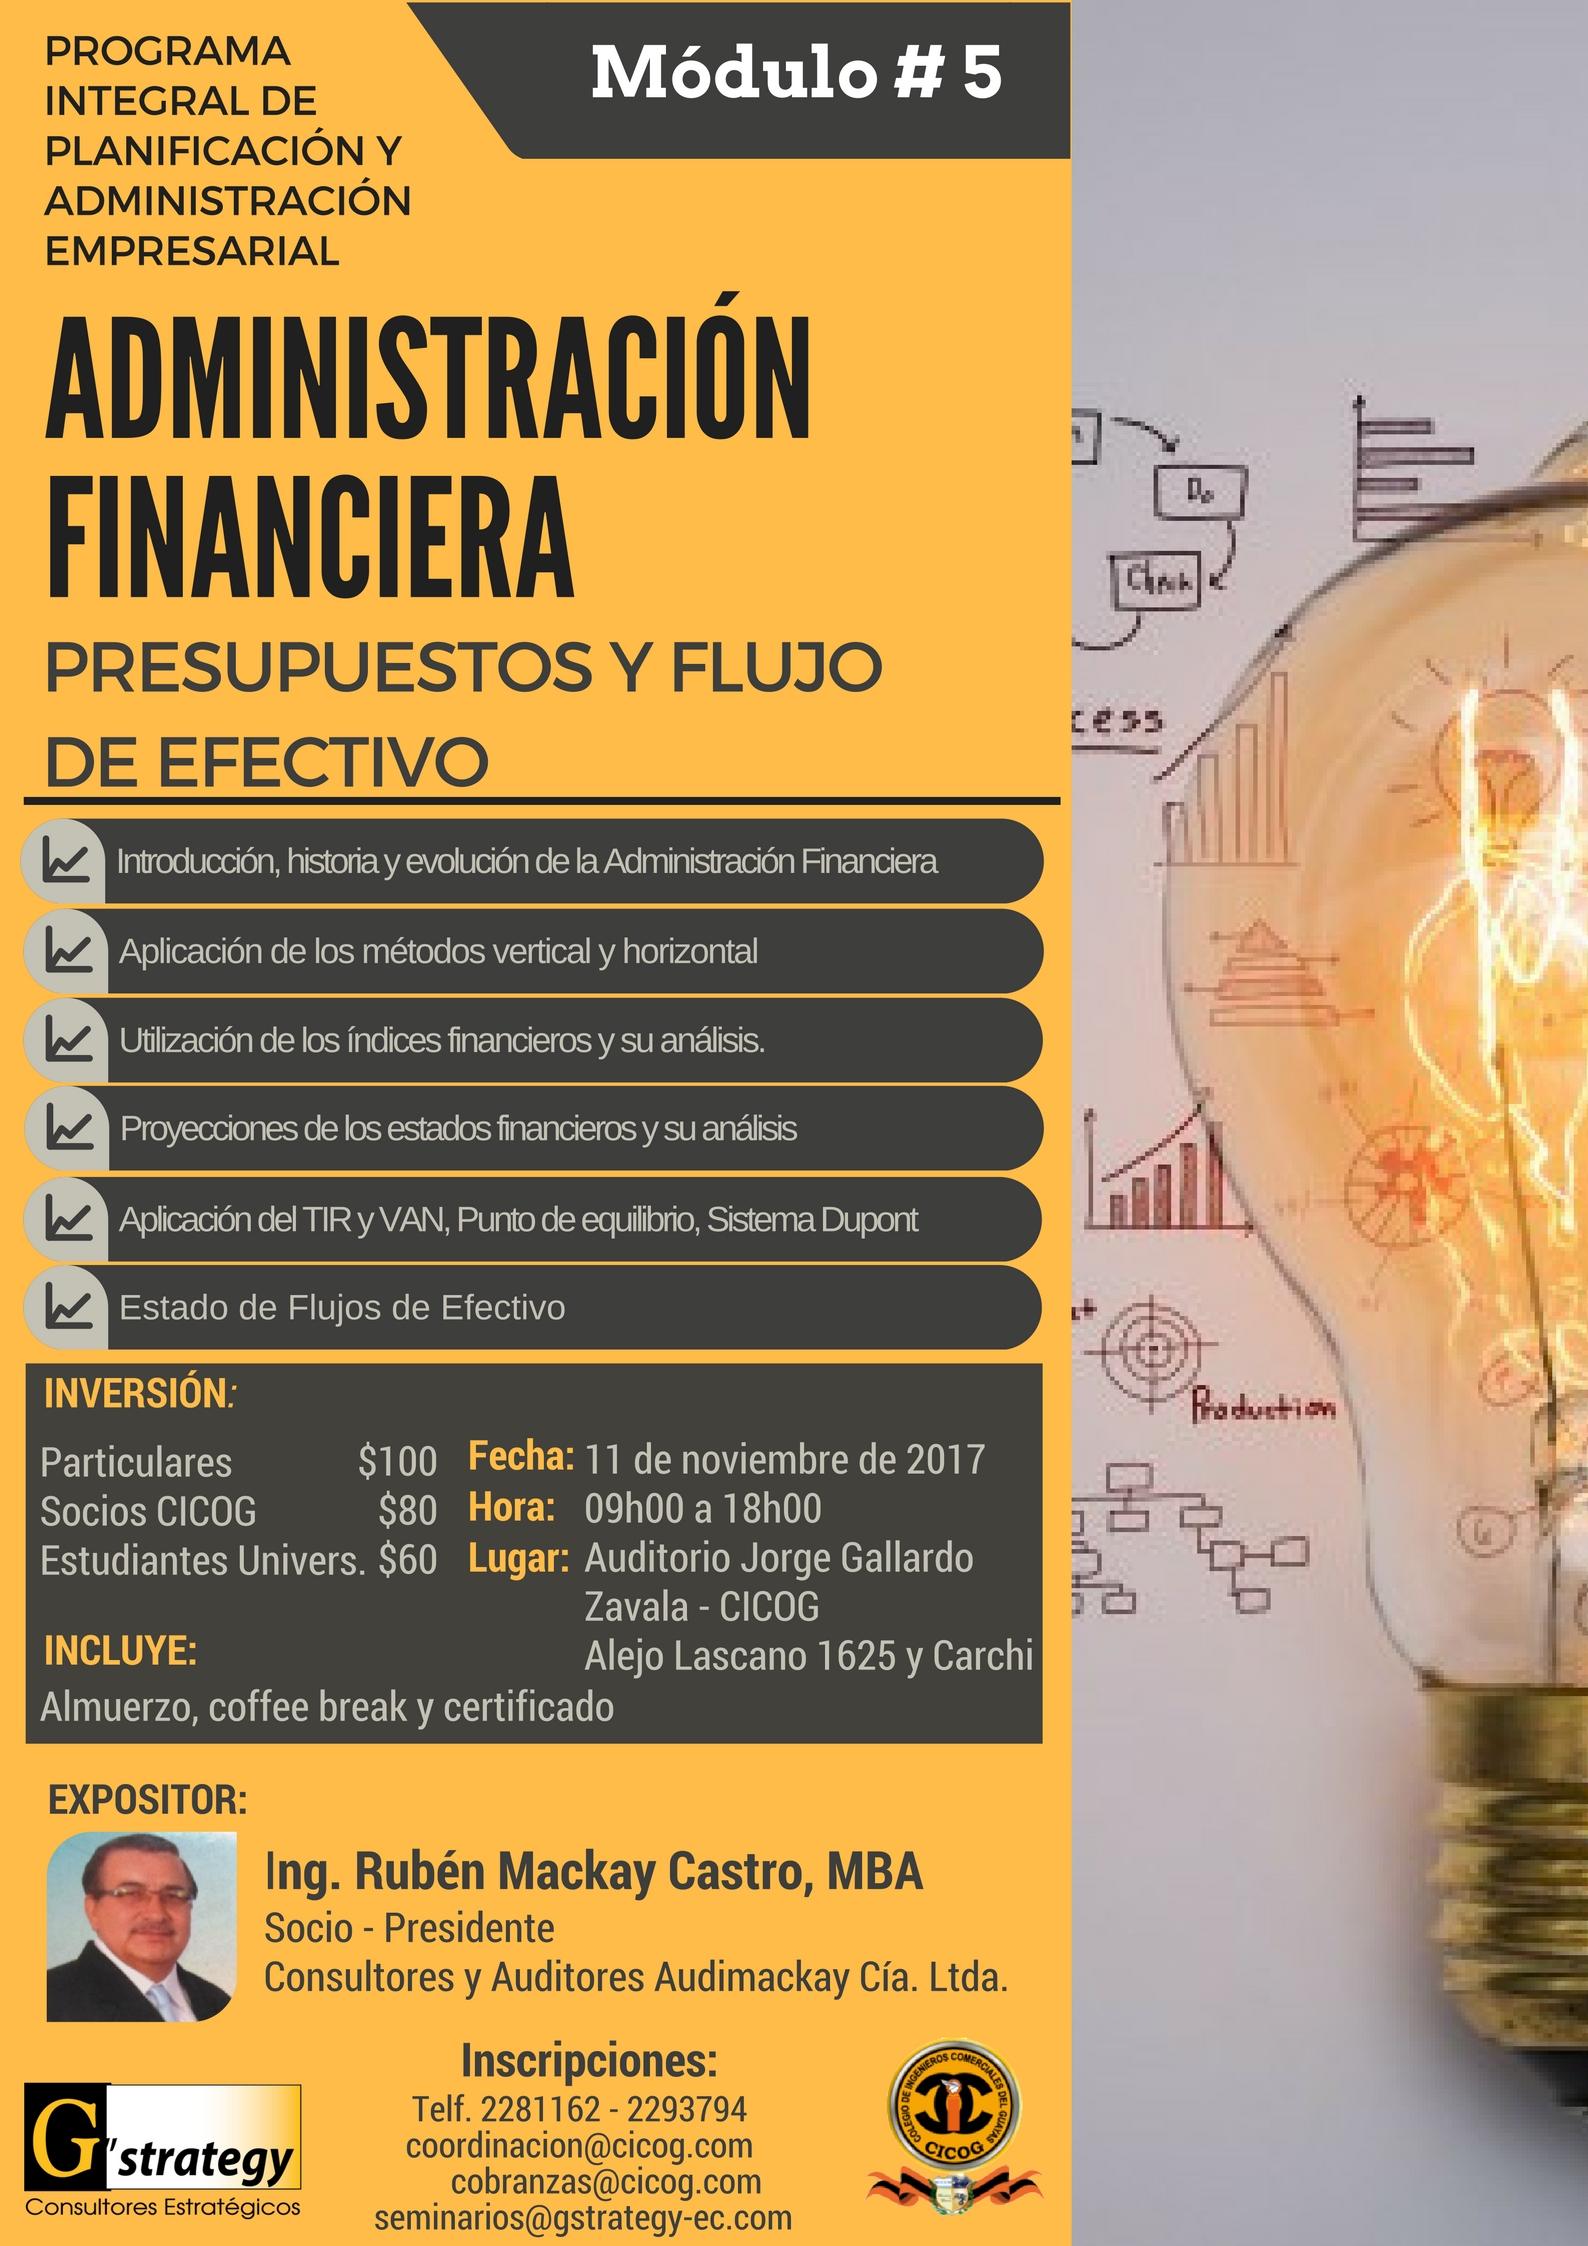 Seminario de Administración Financiera - módulo 5